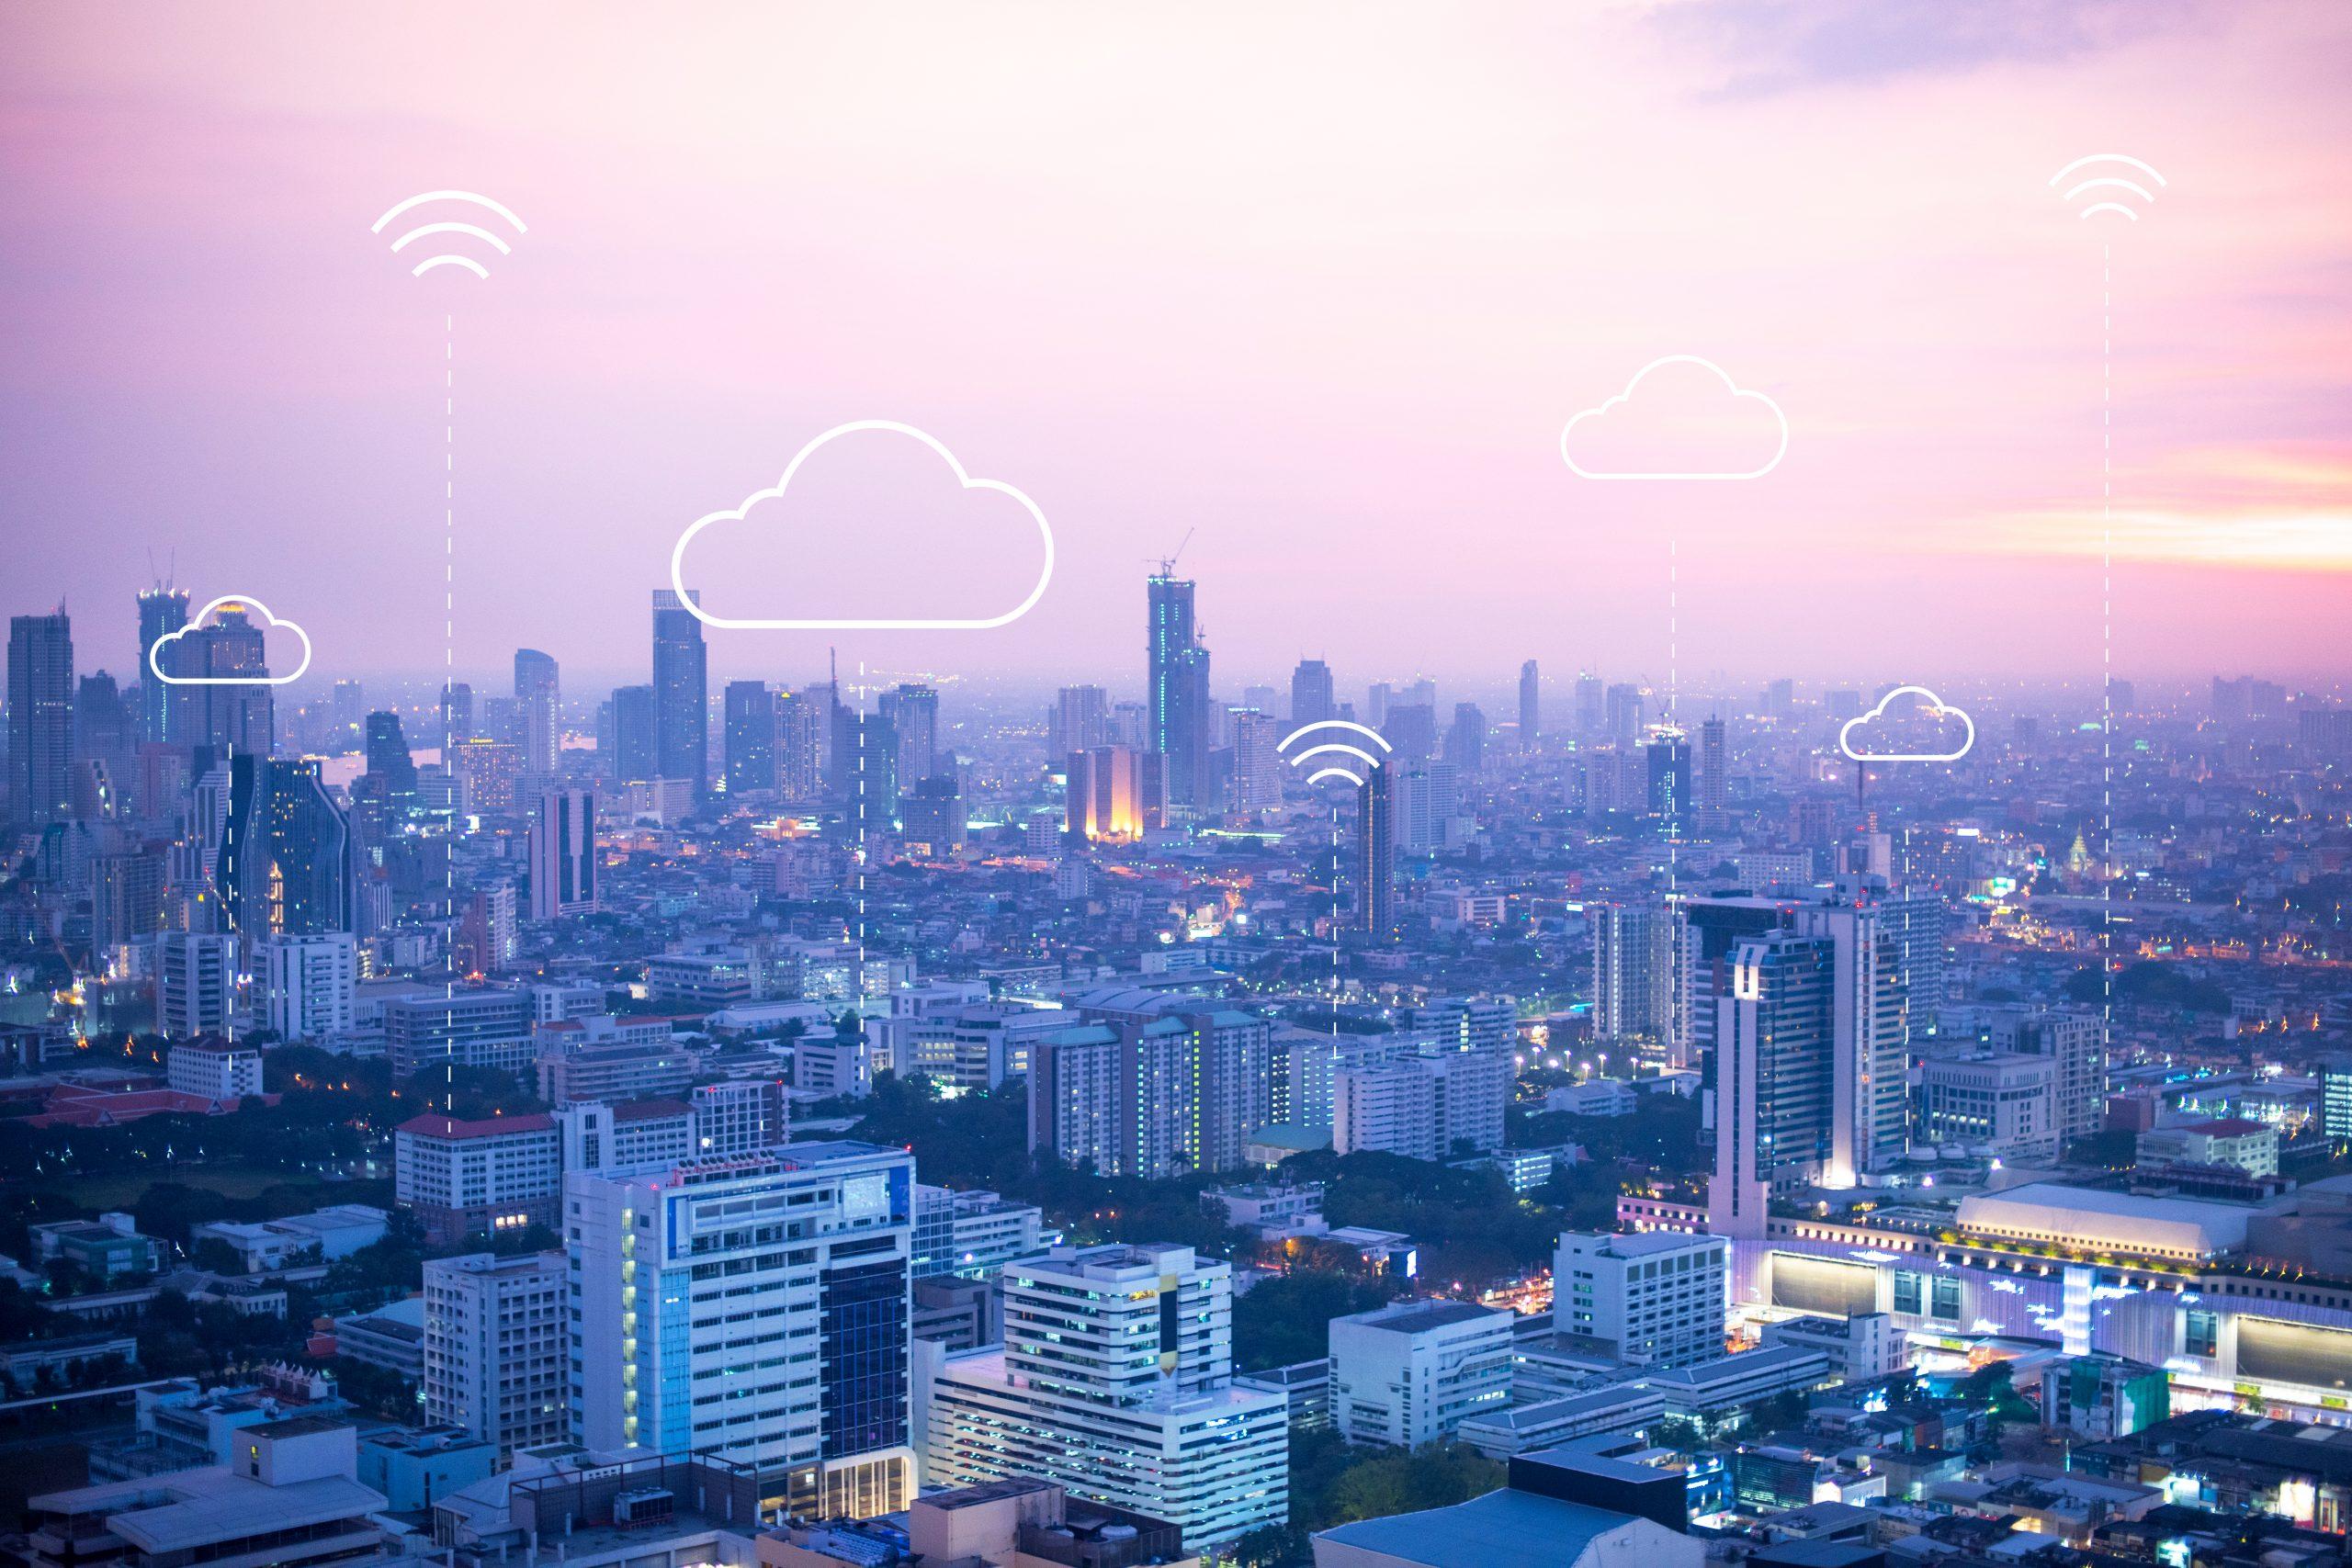 CloudDirect Connect est l'offre d'interconnexion de réseaux et de fourniture d'accès internet d'Aviti